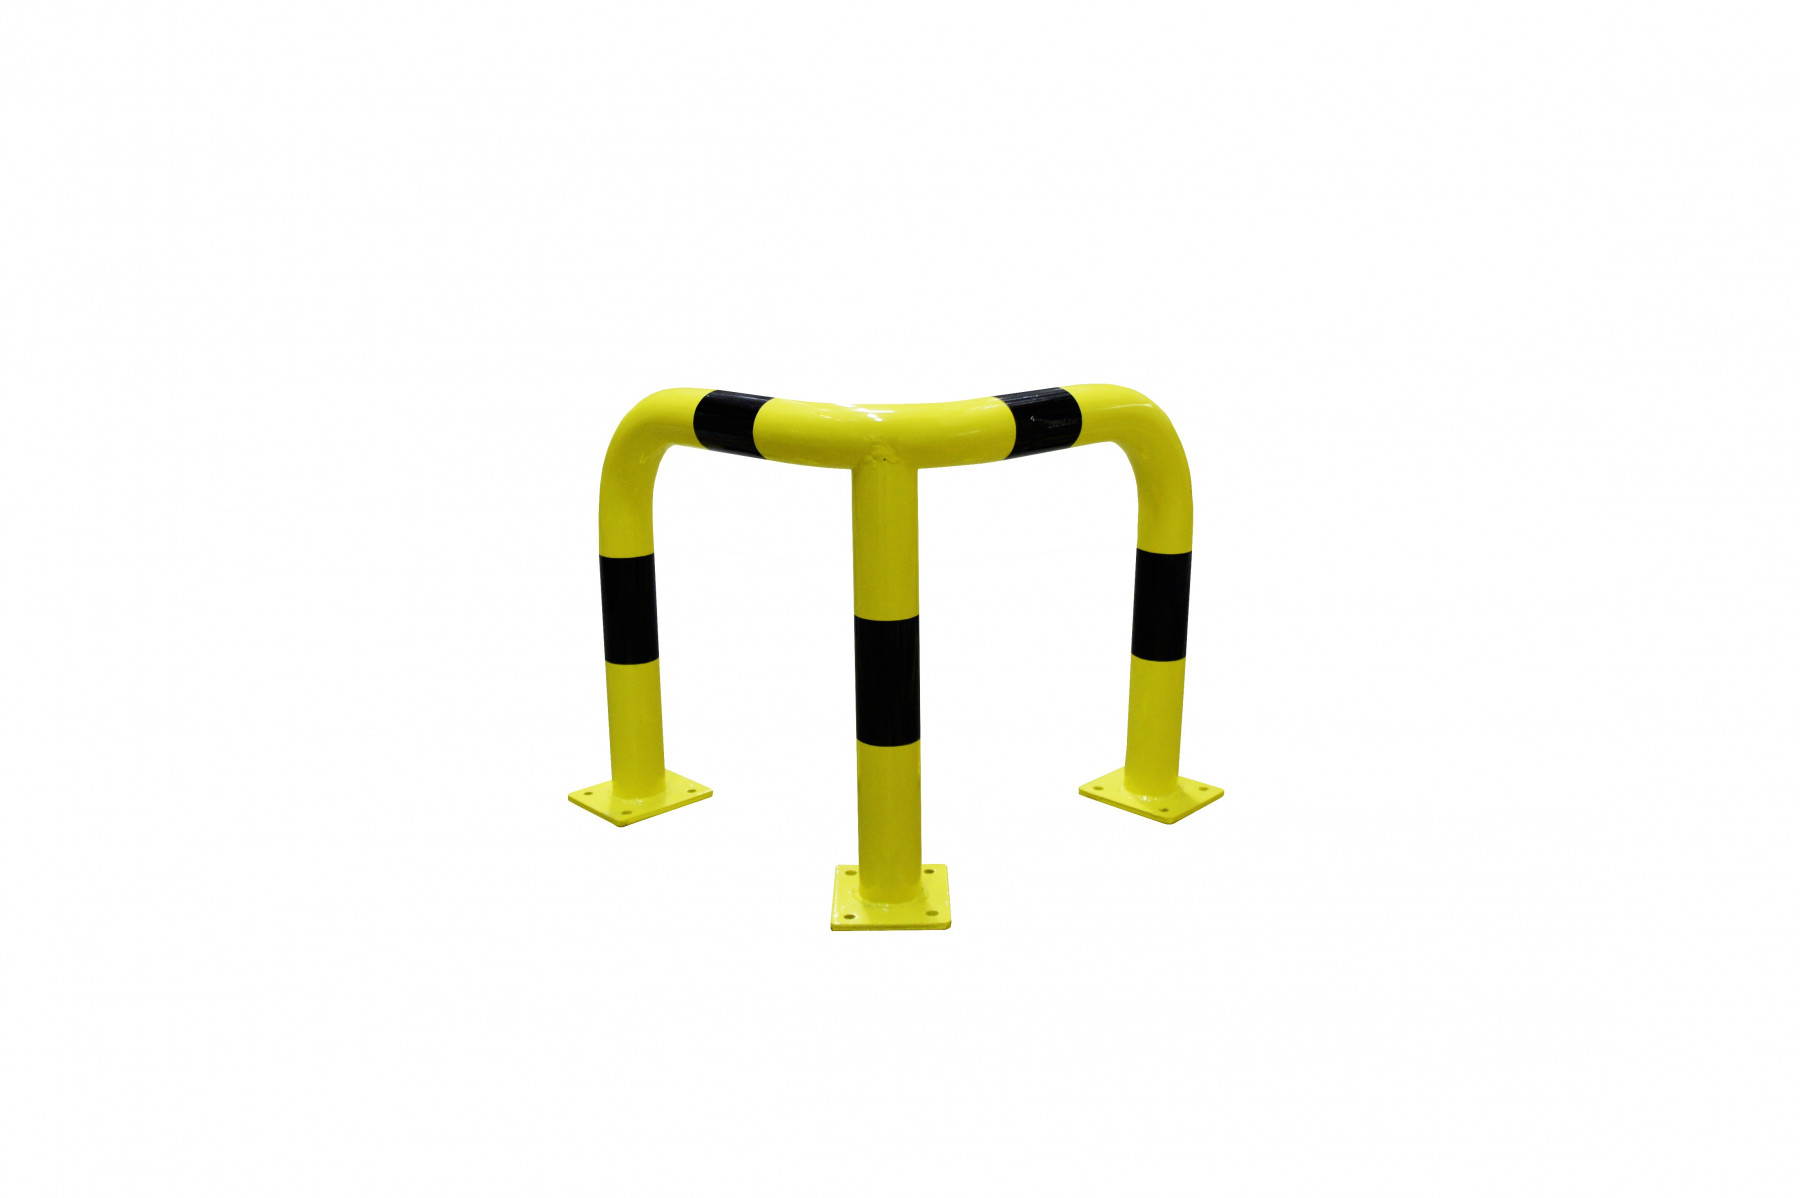 Arceau d'angle jaune et noir VISO - 600 x 600 x 600 mm - Ø76 mm - BARA6066NJ